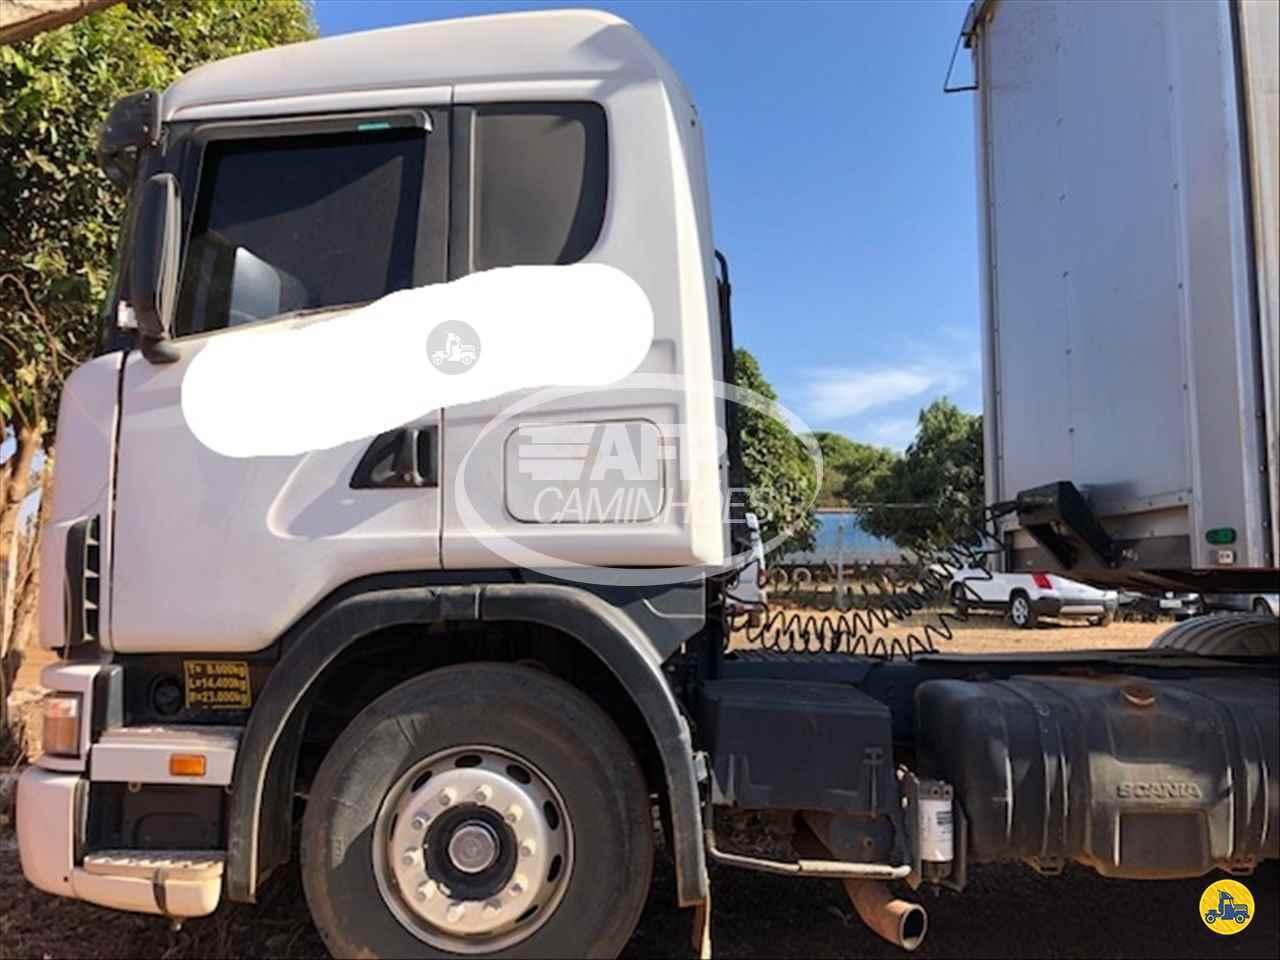 CAMINHAO SCANIA SCANIA 400 Cavalo Mecânico Truck 6x2 AFP Caminhões UBERLANDIA MINAS GERAIS MG